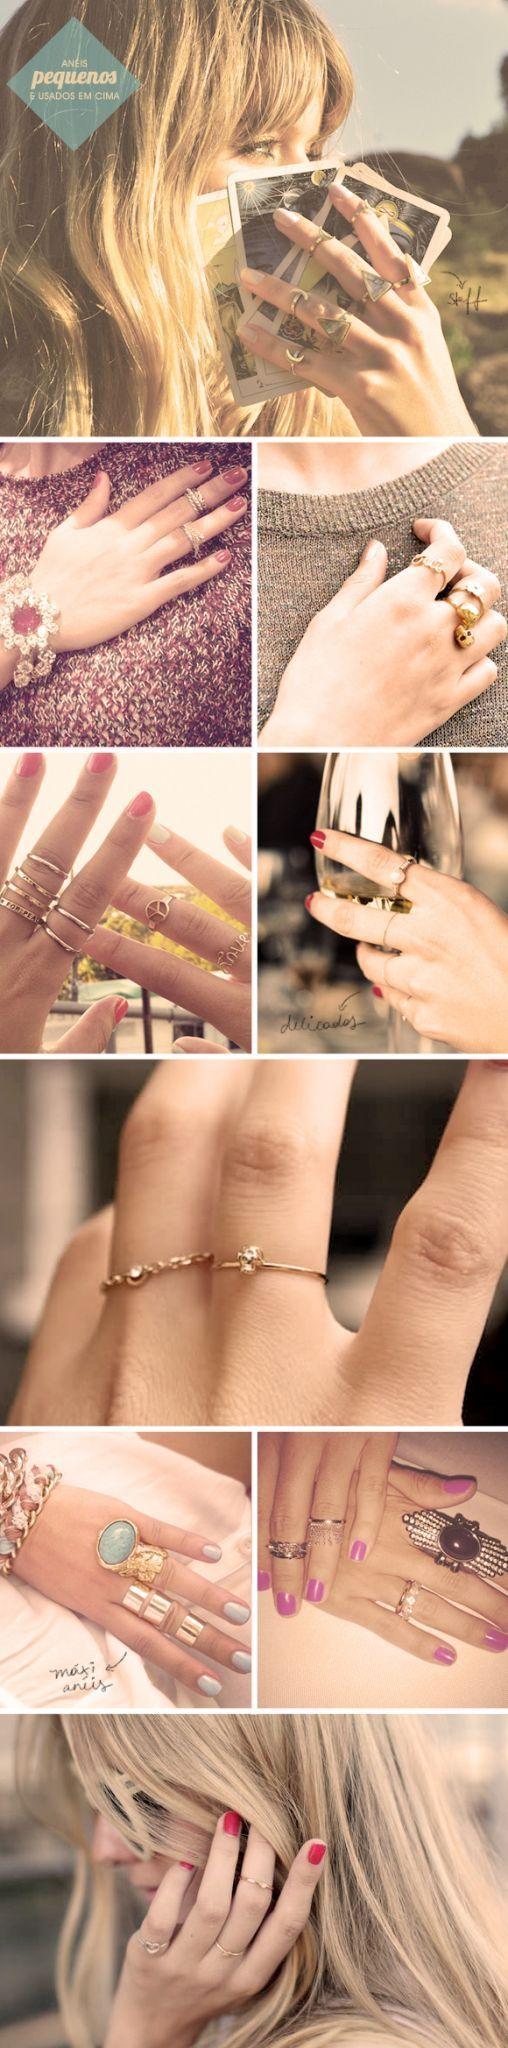 """Uma tendência que temos visto por aí é o mix de anéis pequenos e delicados, usados em vários dedos e em várias """"alturas"""". Insusitado e bem legal! =)"""